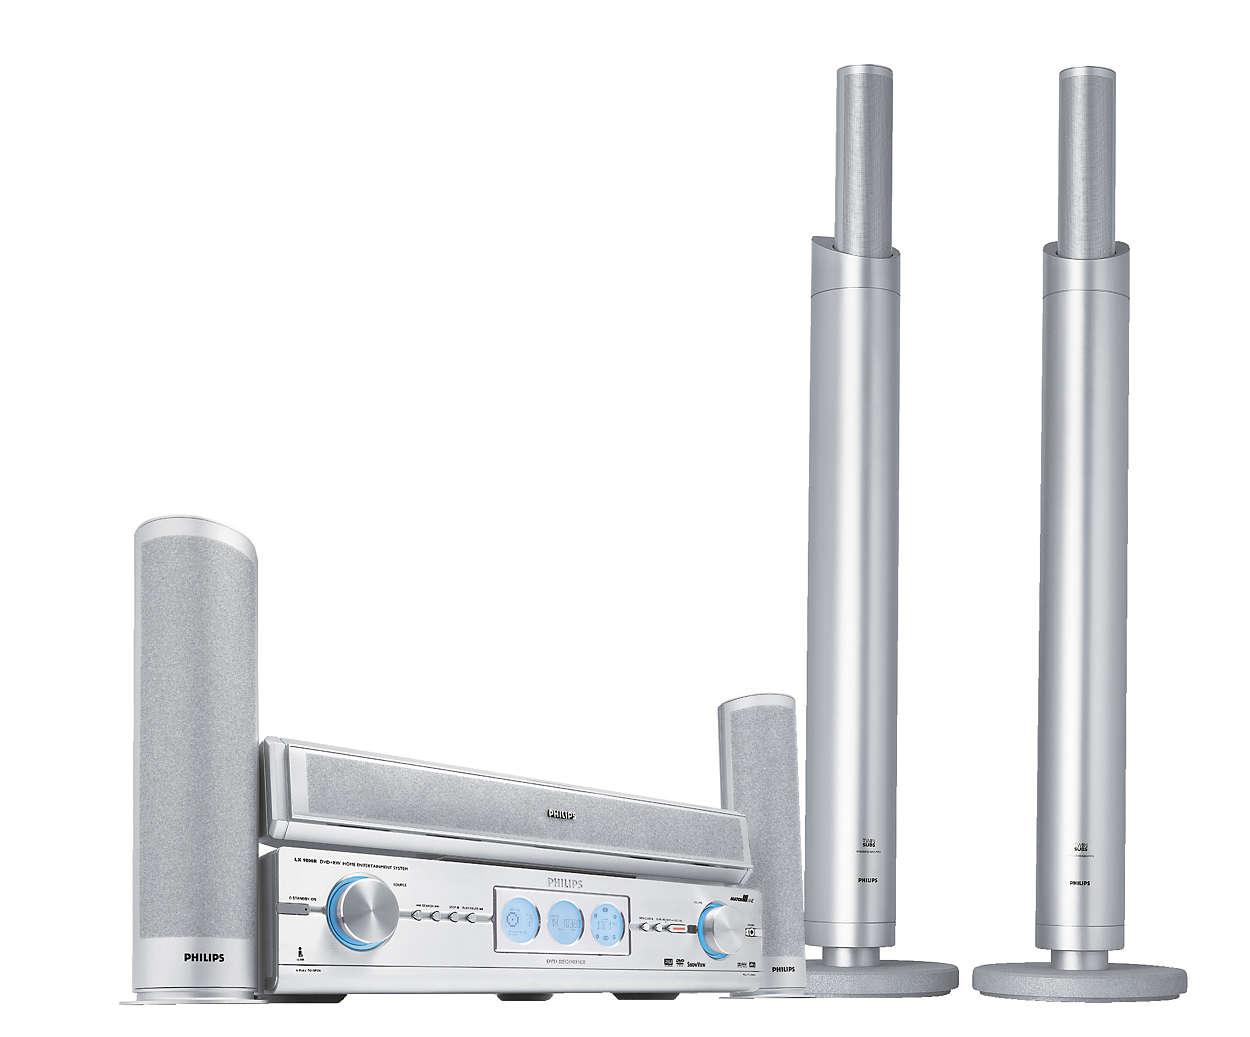 Última tecnología en DVD, grabación y sonido